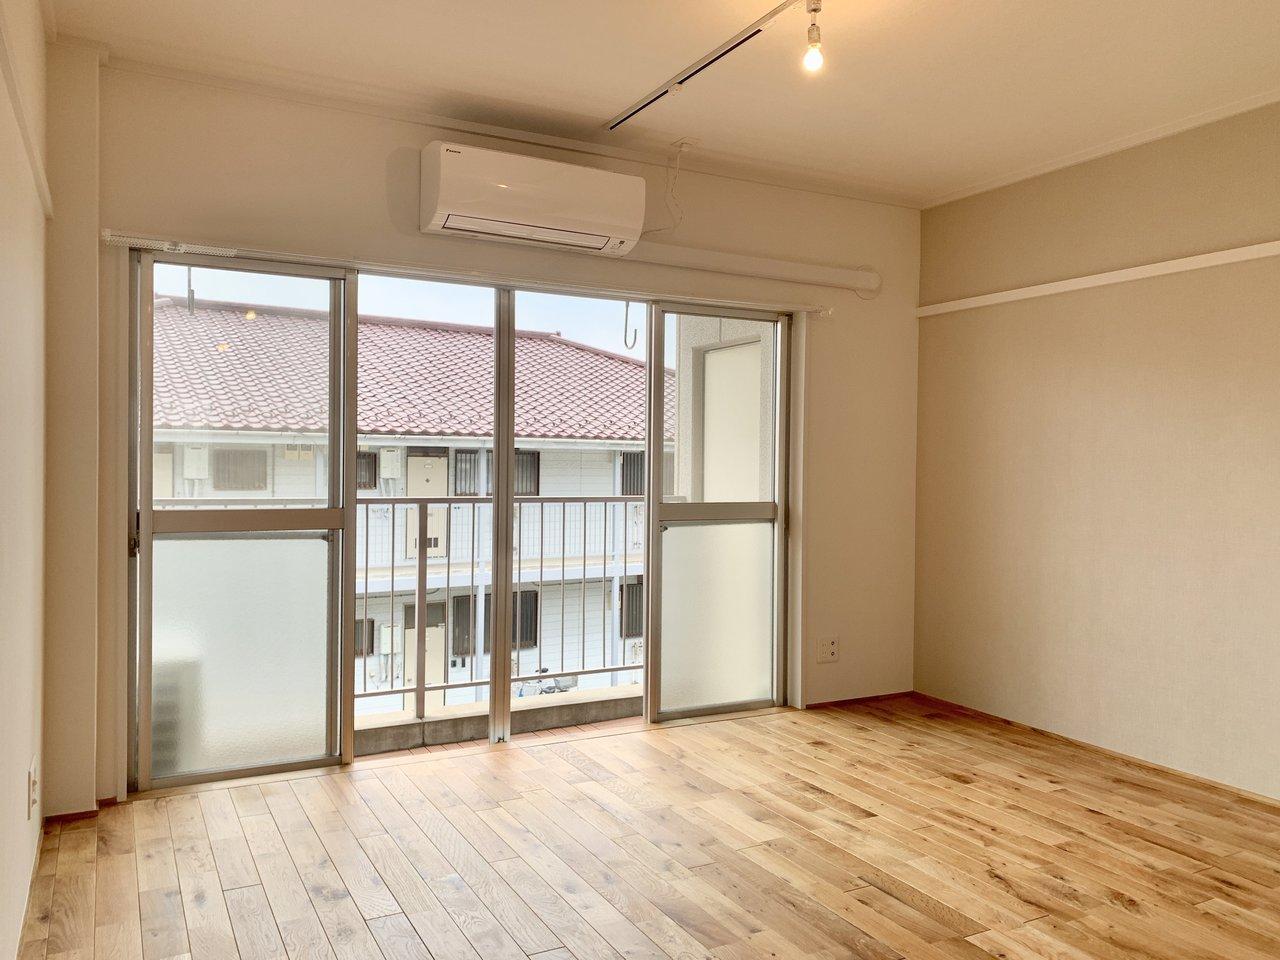 室内は11畳のワンルーム。「次は広いリビングの部屋で暮らしたい」と考えている、ひとり暮らしの方にはぴったりのお部屋です。